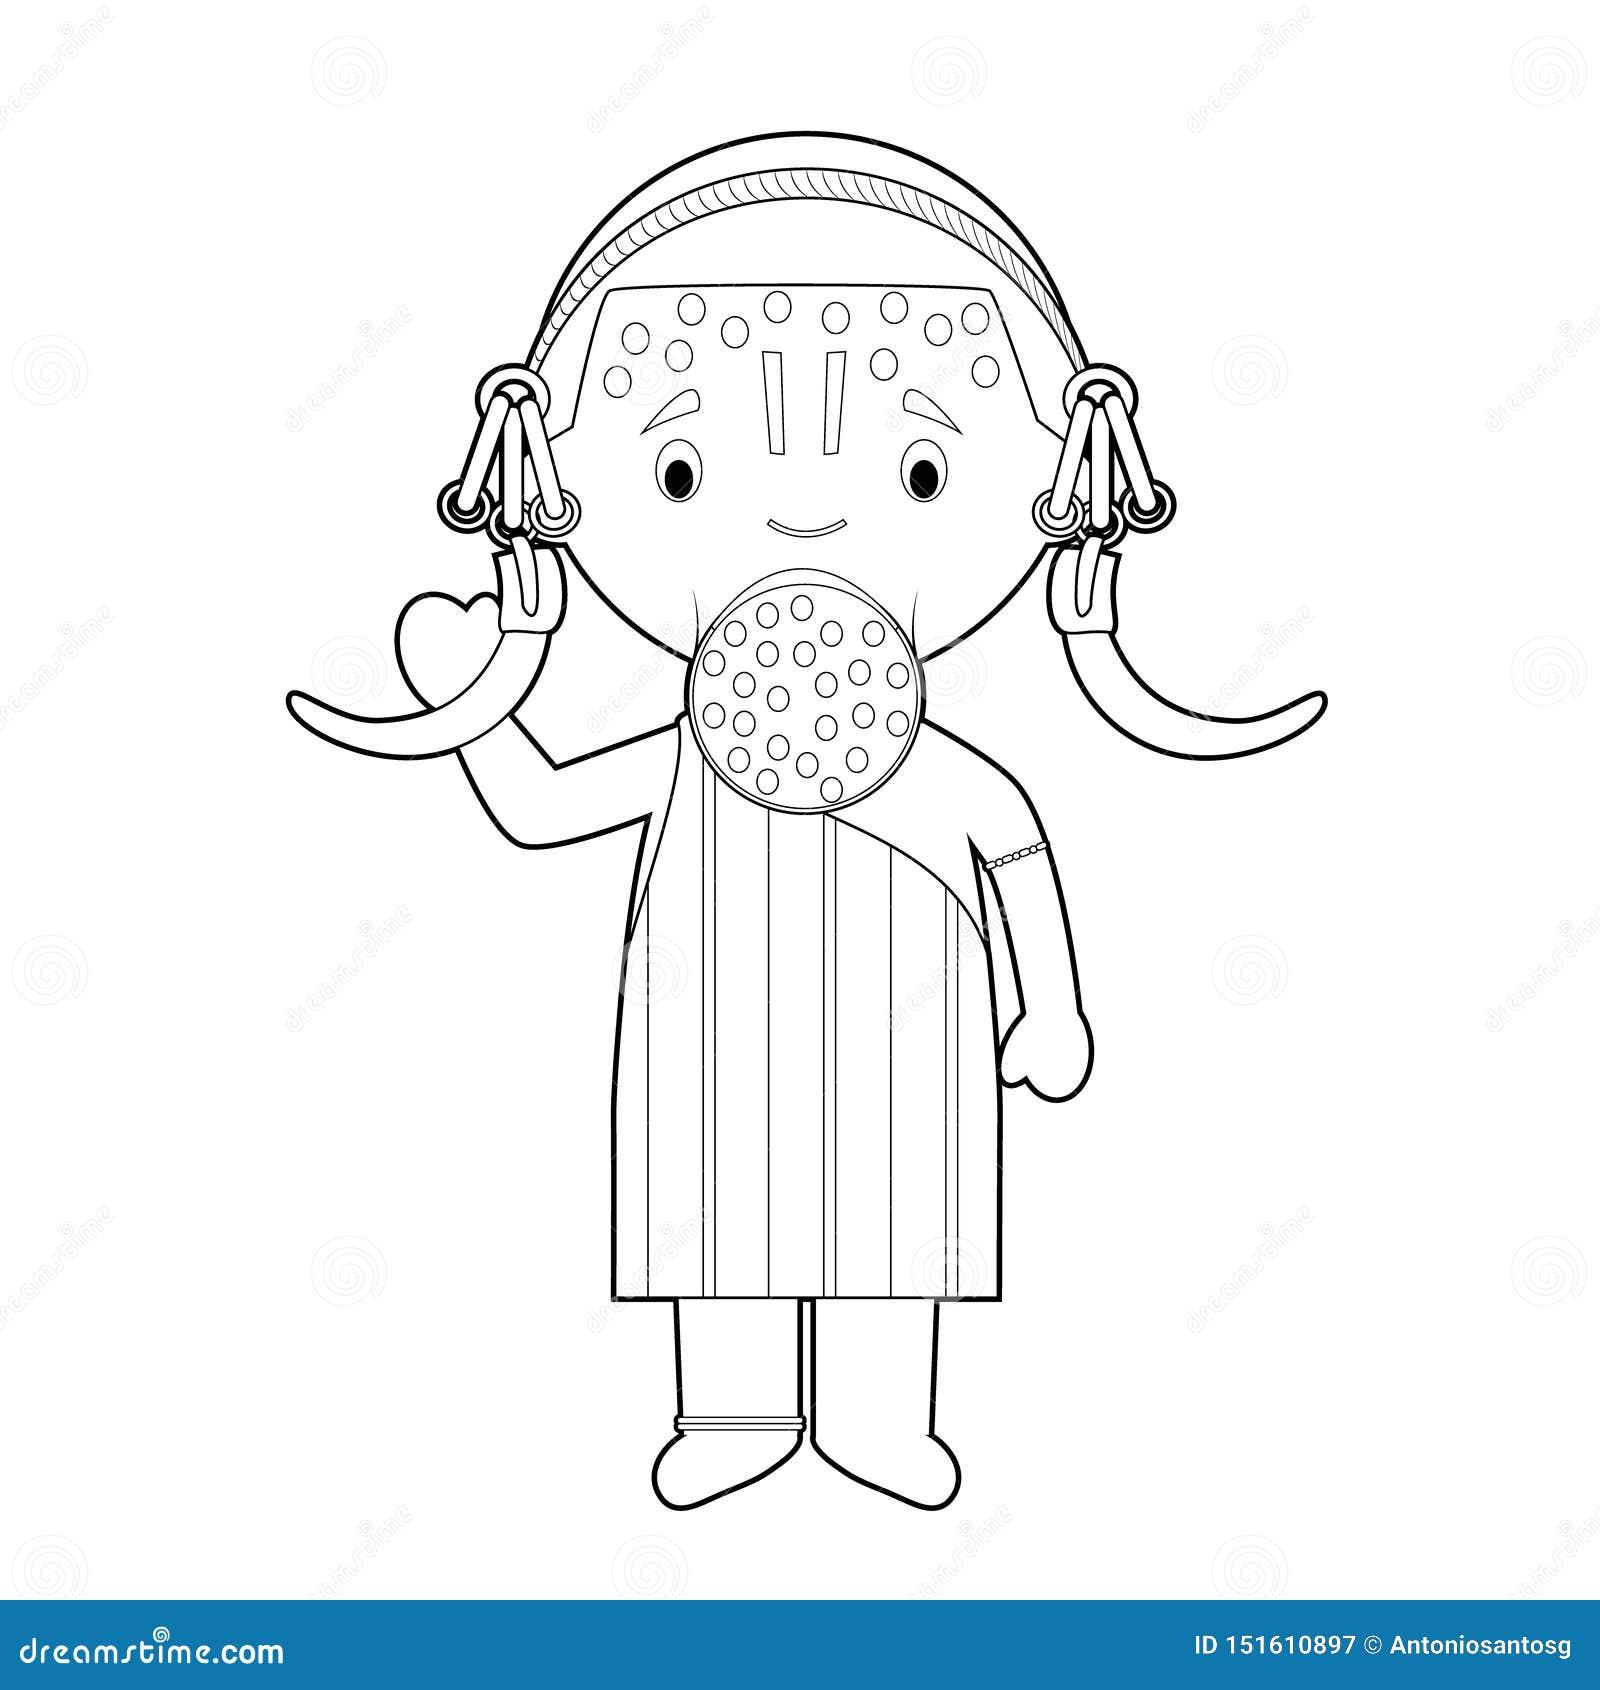 Personaje De Dibujos Animados Que Colorea Facil De La Tribu De